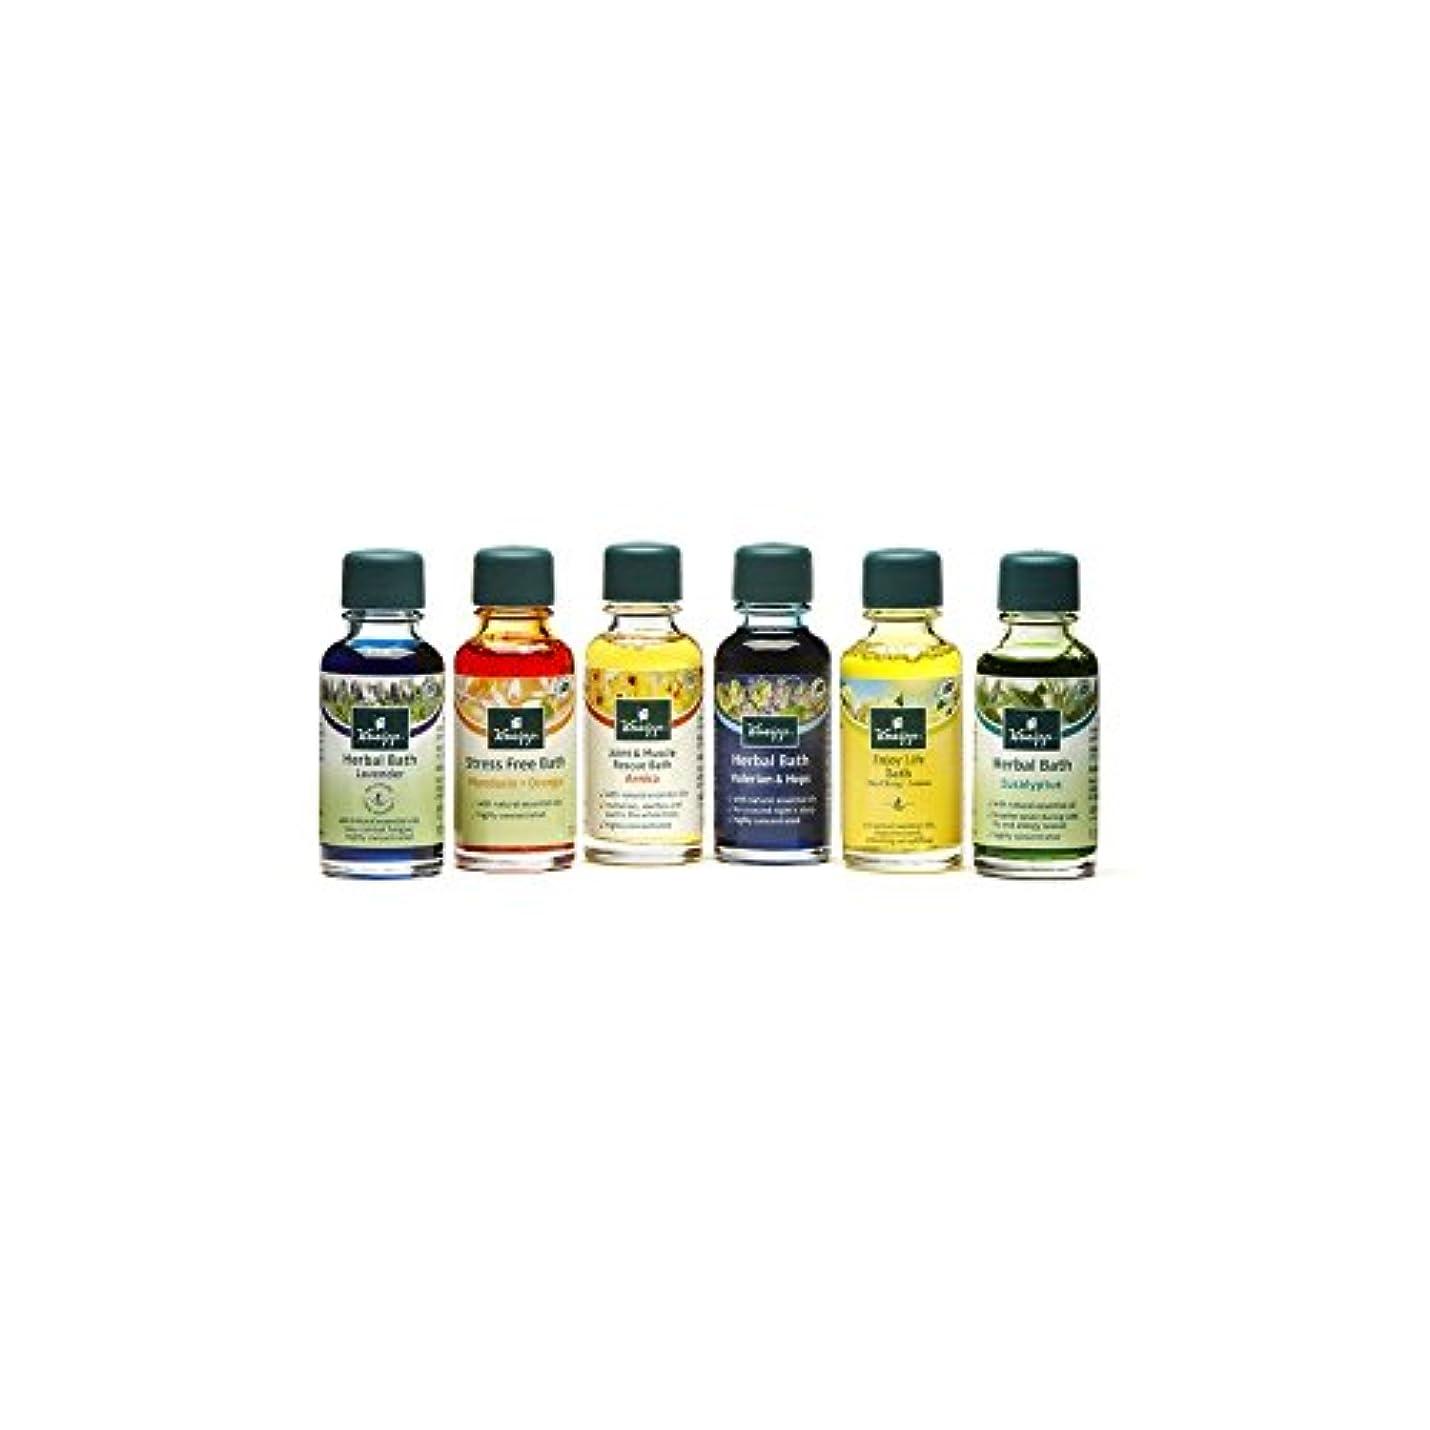 Kneipp Bath Oil Collection (6 x 20ml) - クナイプバスオイルコレクション(6×20ミリリットル) [並行輸入品]